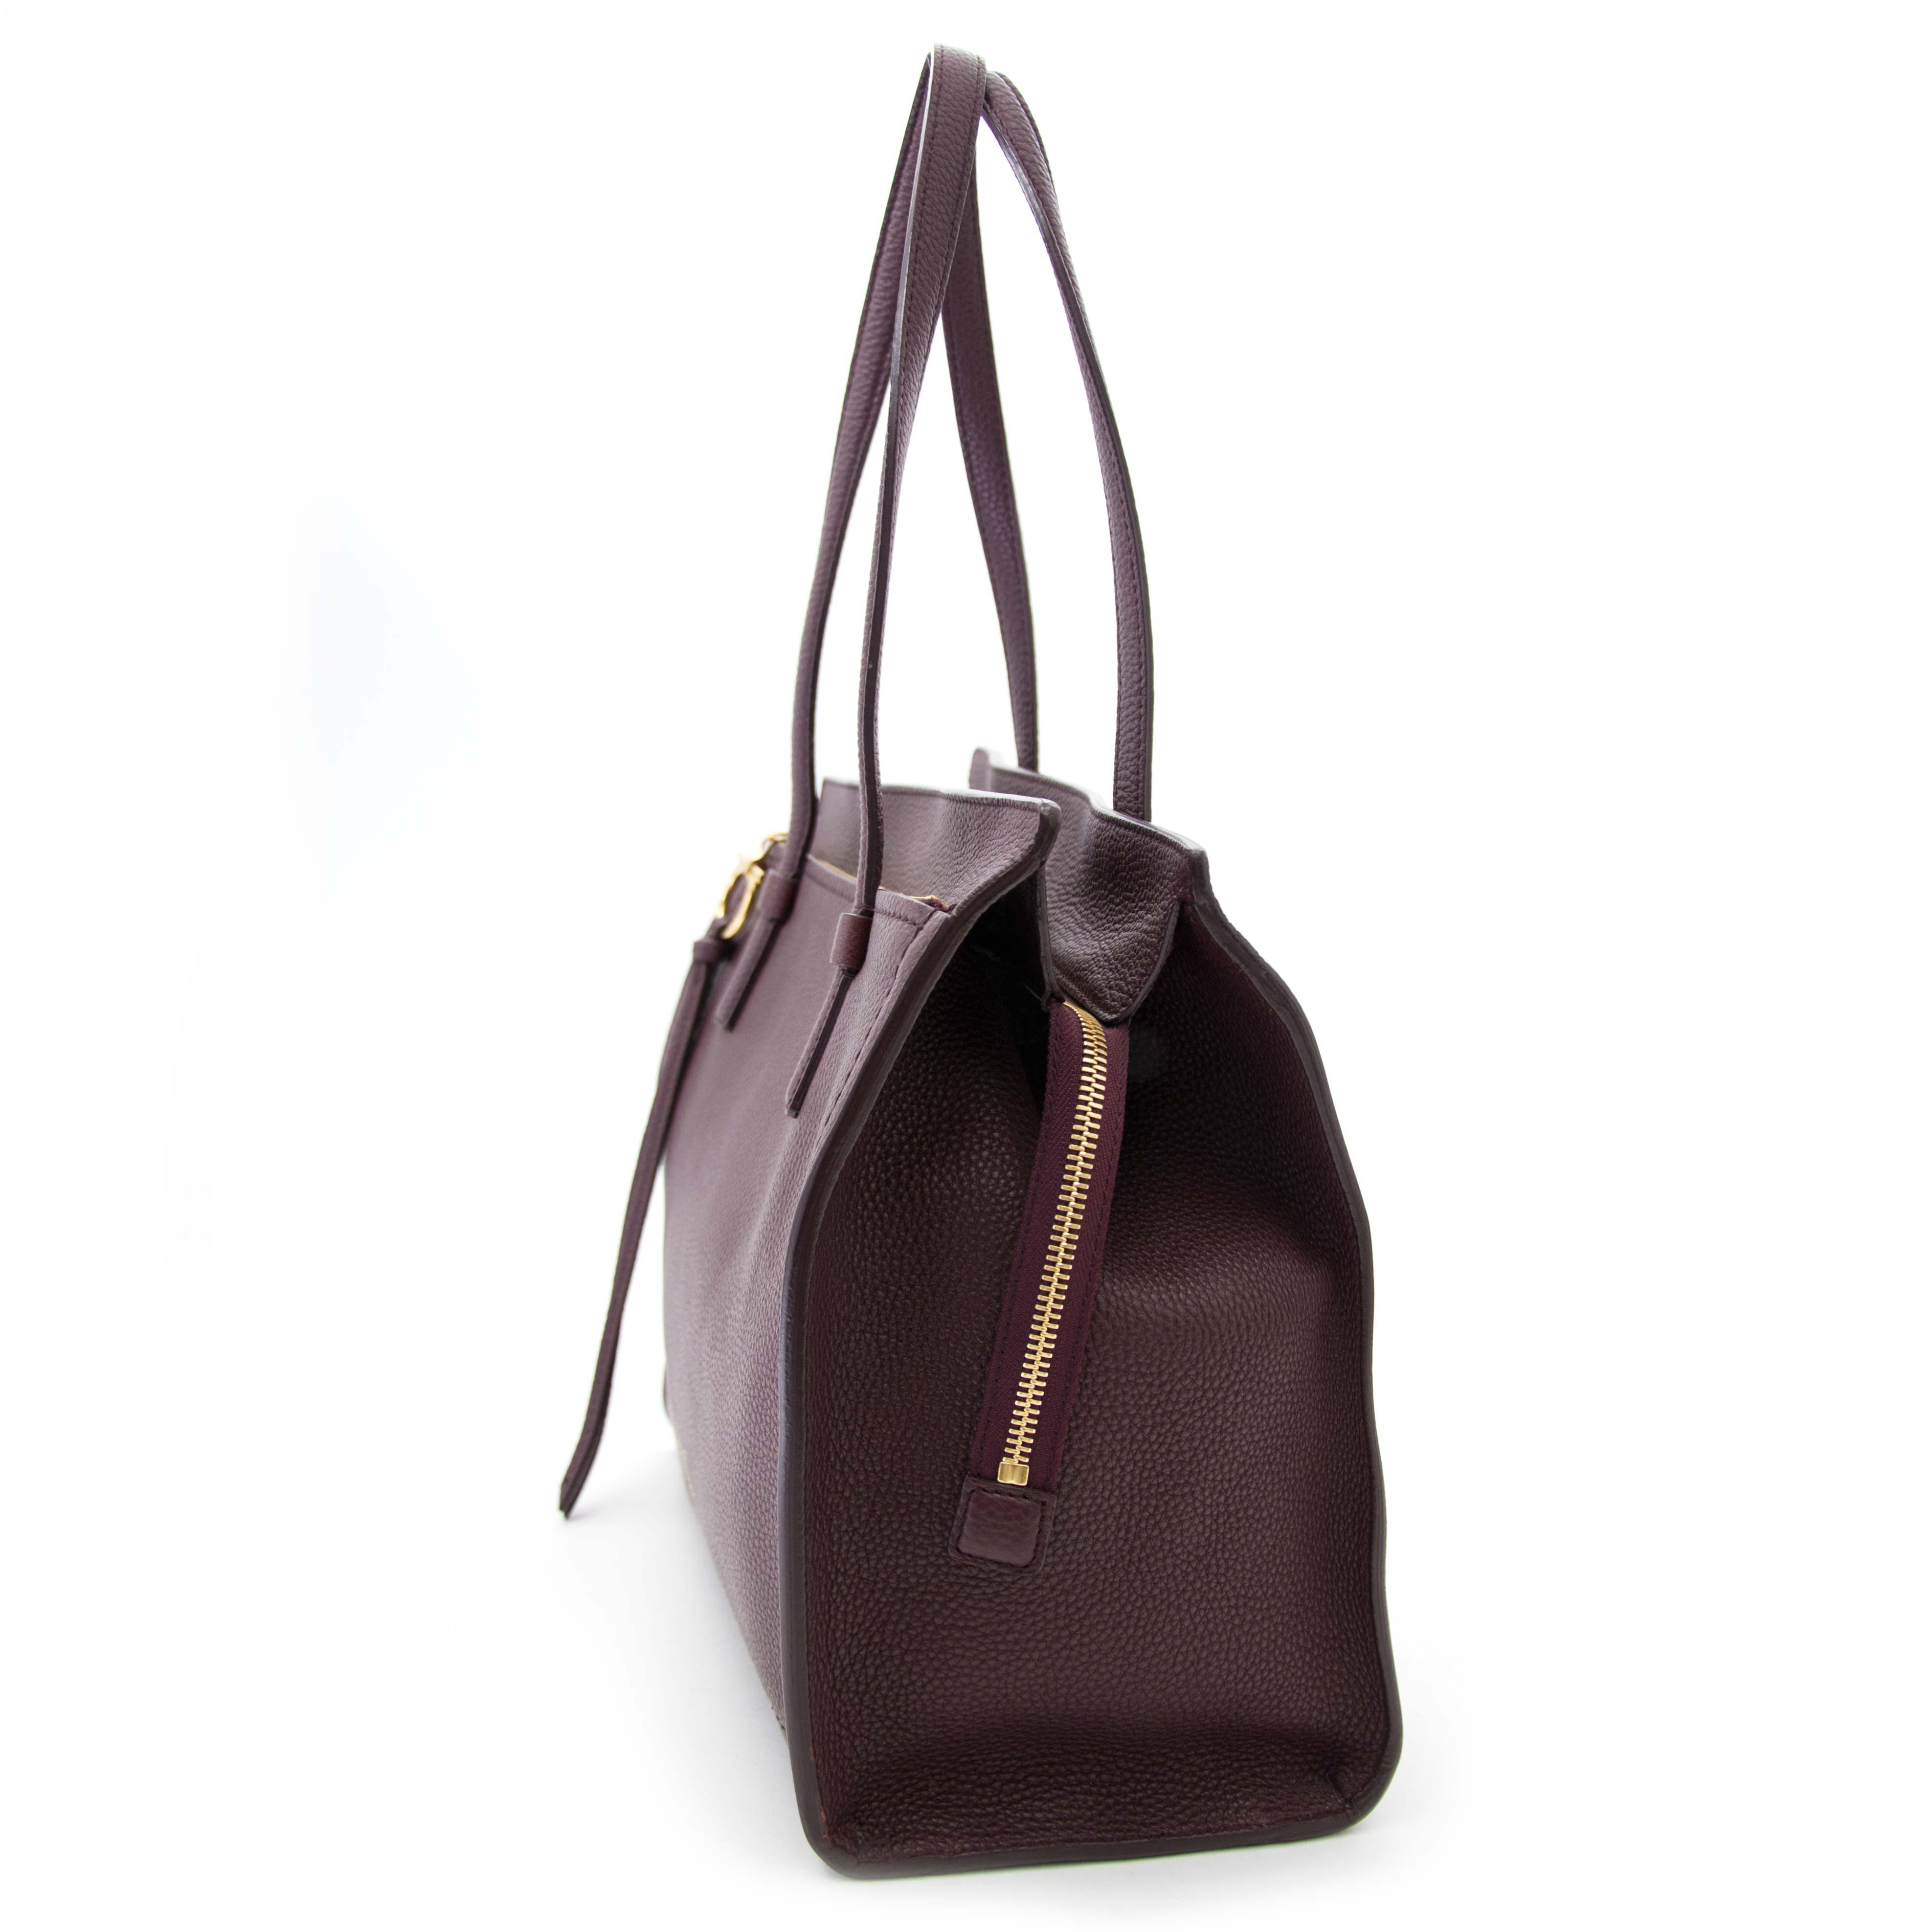 a72cbcc8fb06 ... op zoek naar een salvatore ferragamo tas  shop online bij labellov.com  tegen de